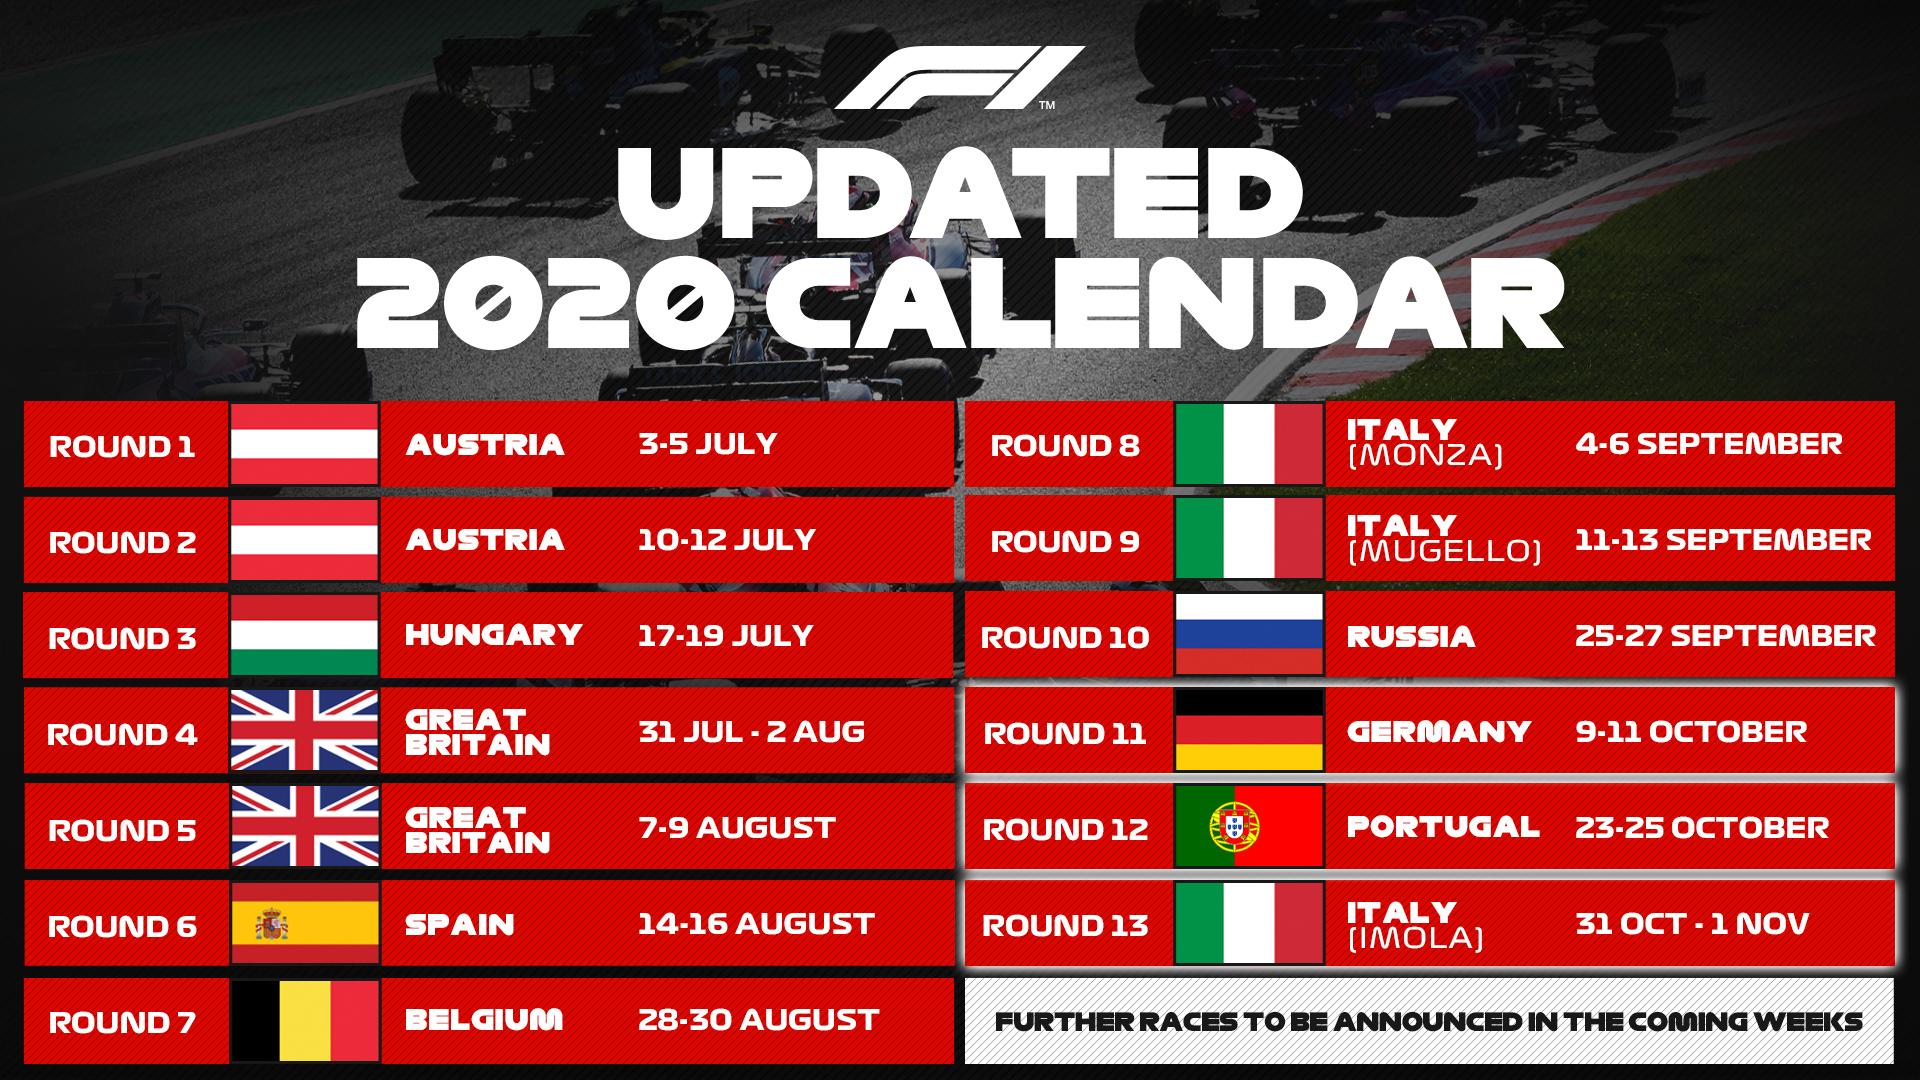 F1 Updated 2020 Calender